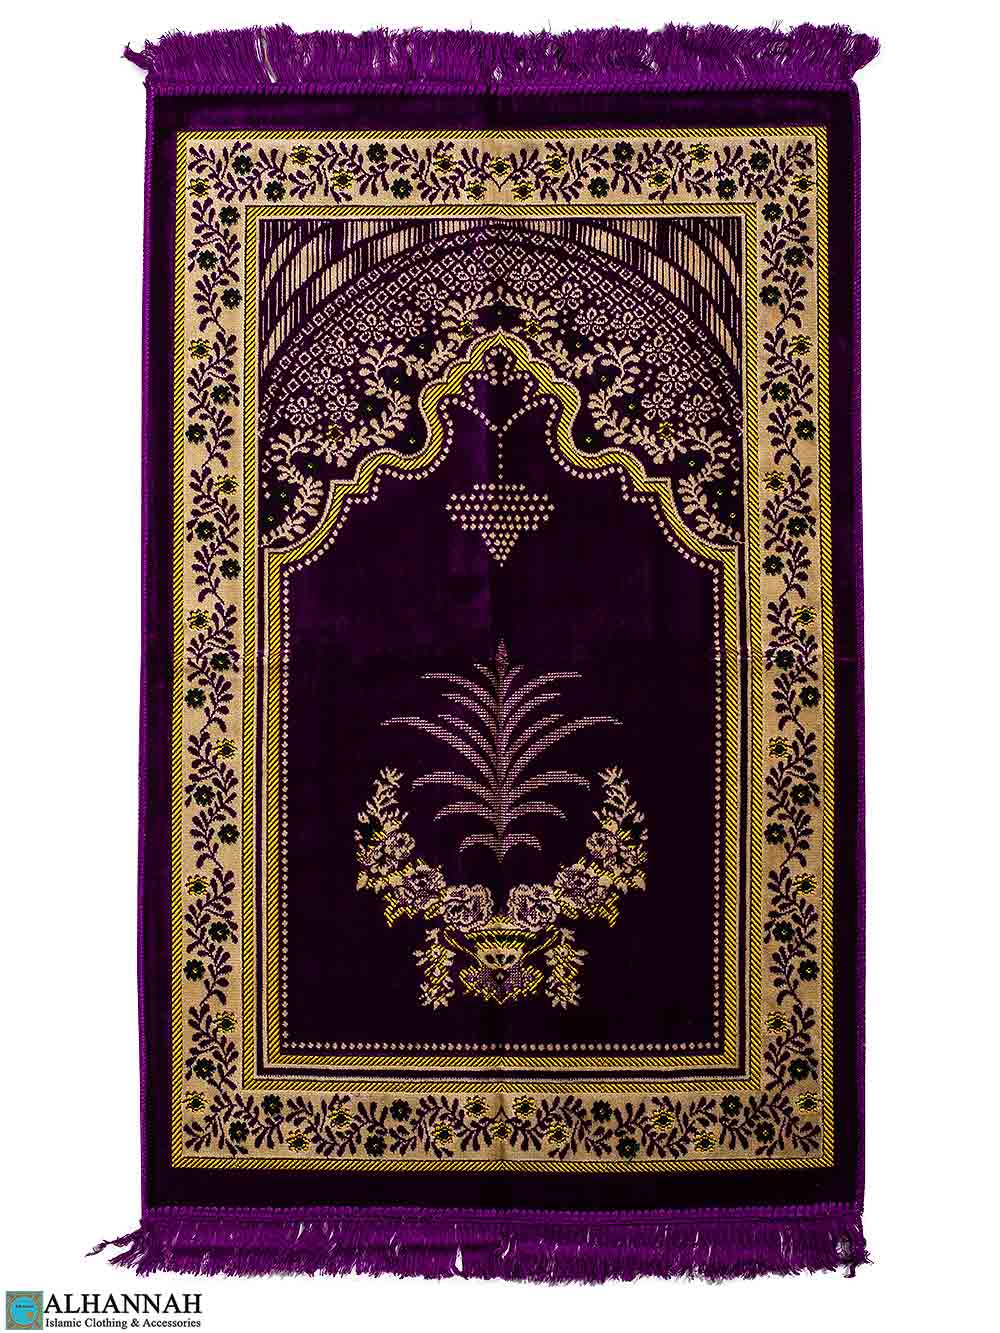 Turkish Prayer Rug - Chandelier Motif - Grape